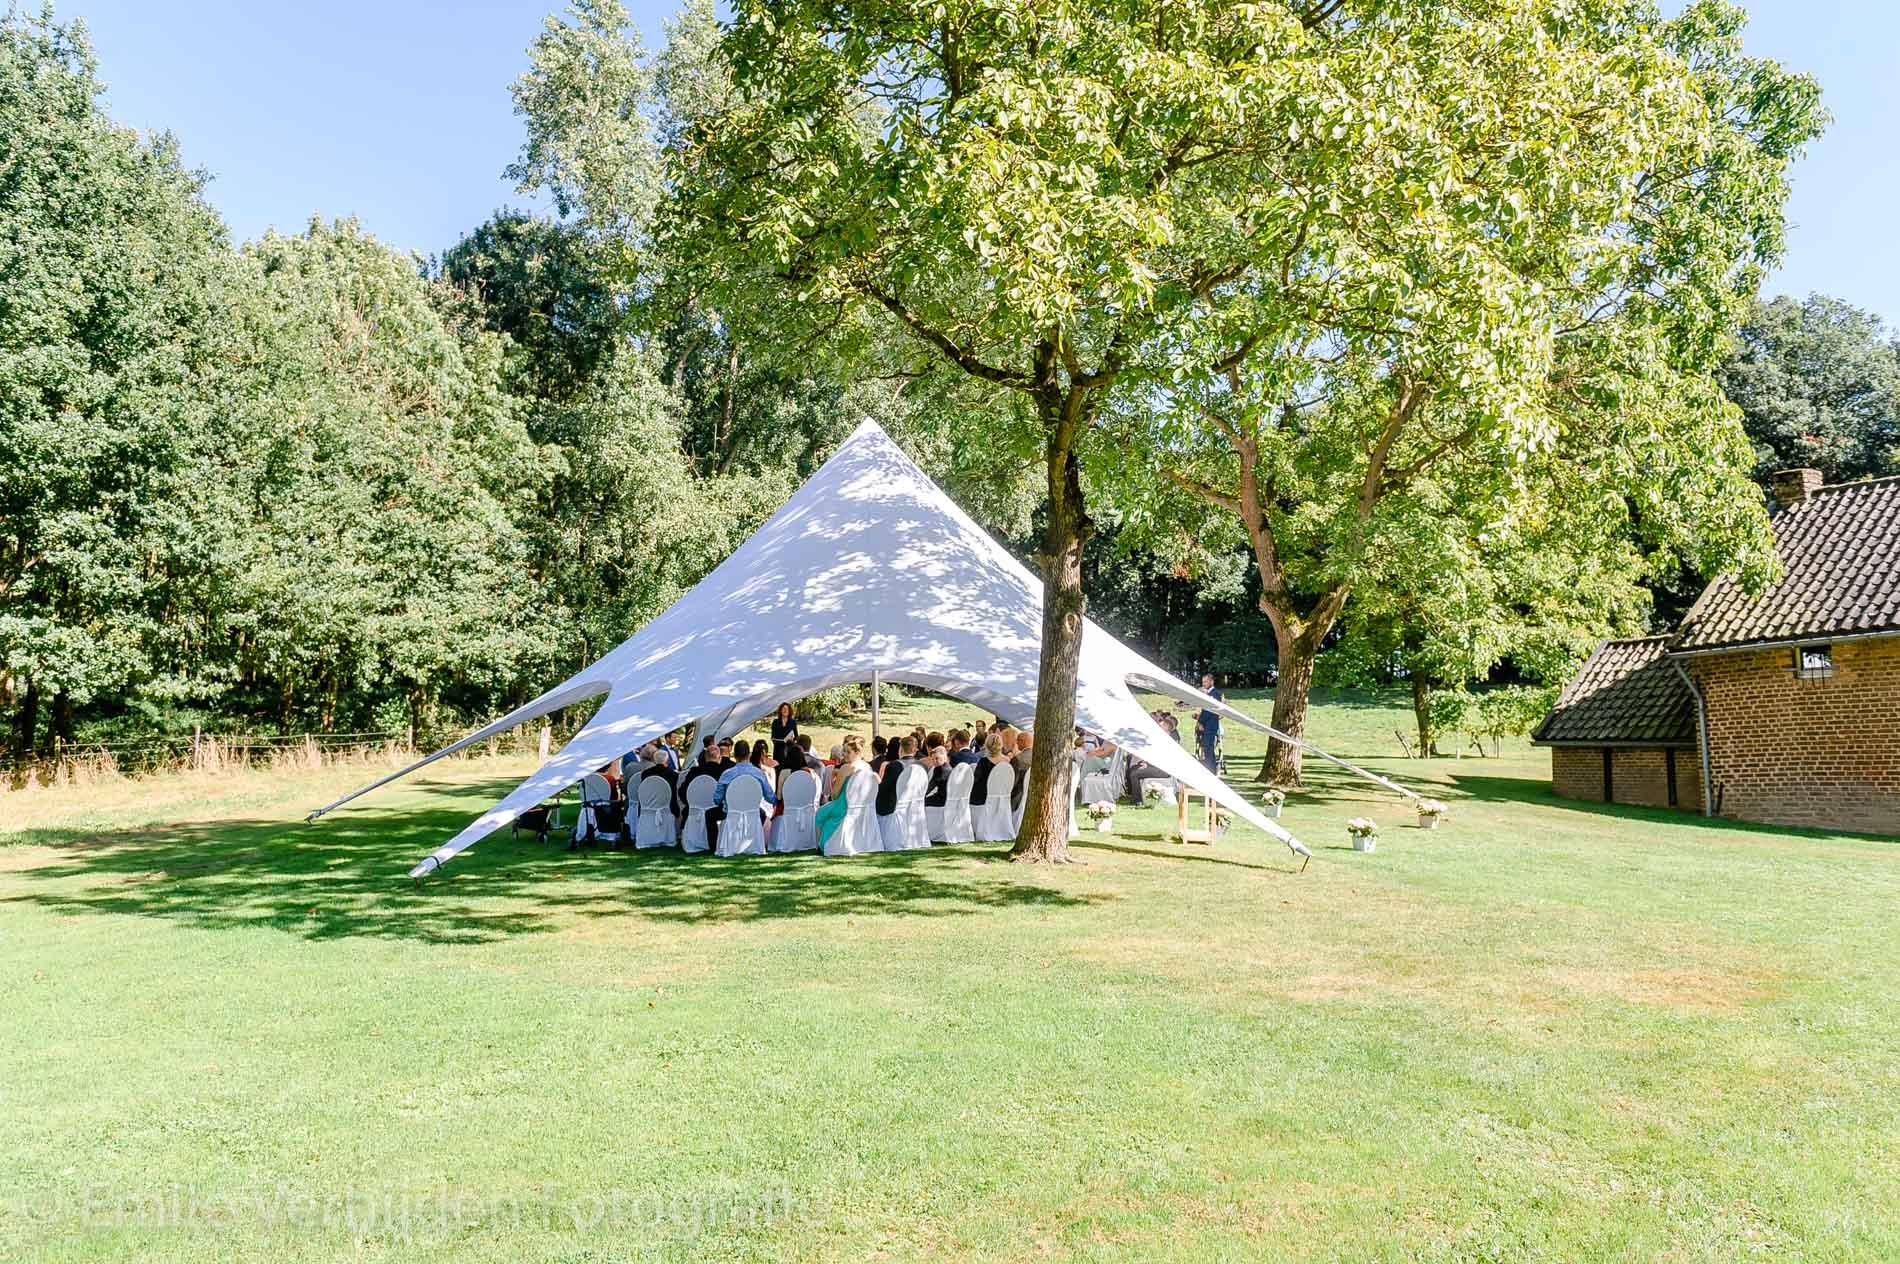 De tent in de tuin van de Winselerhof - Bruidsfotografie Winselerhof Landgraaf - Kerkrade